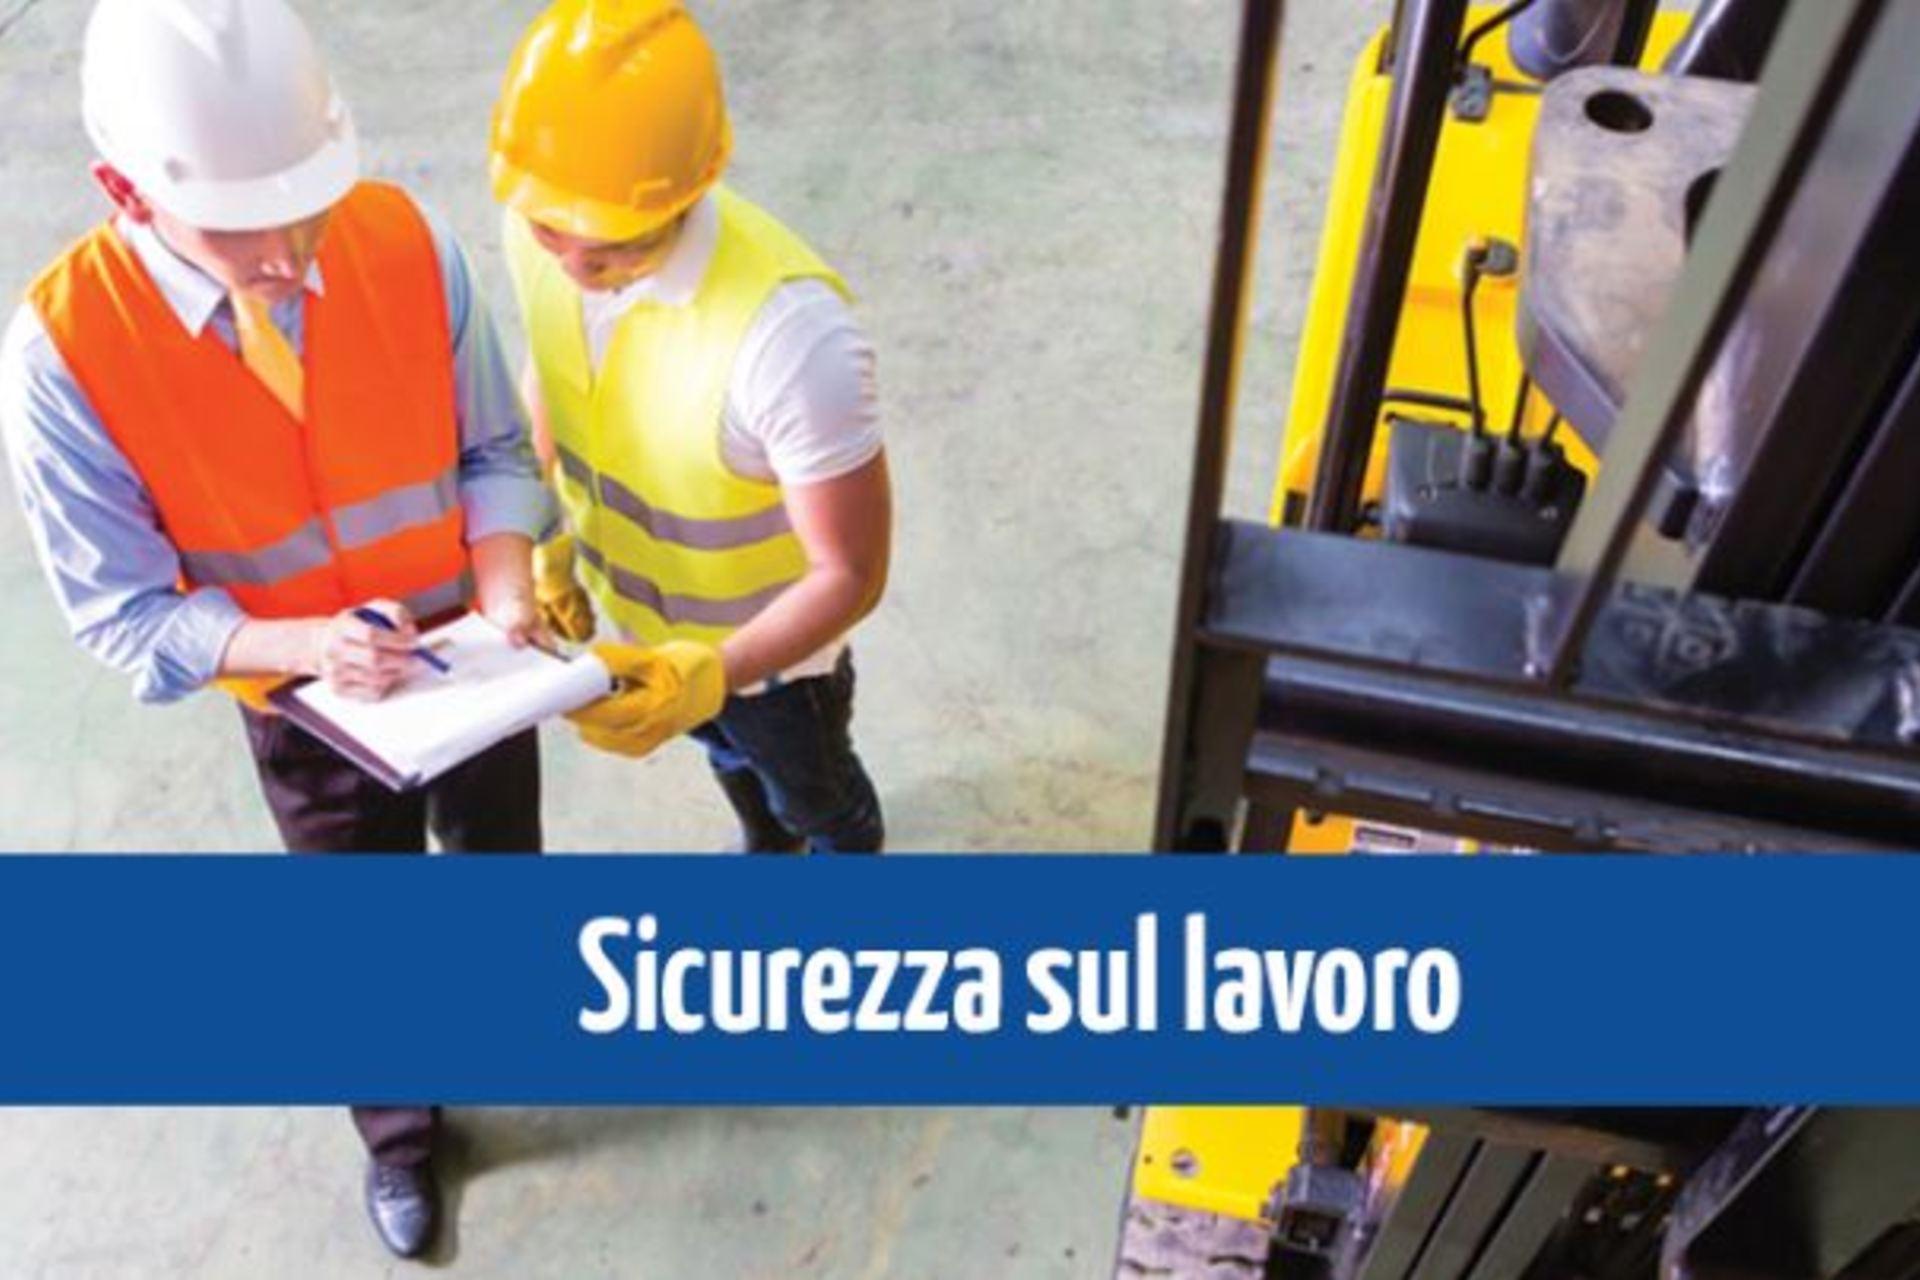 Sicurezza sul lavoro: l